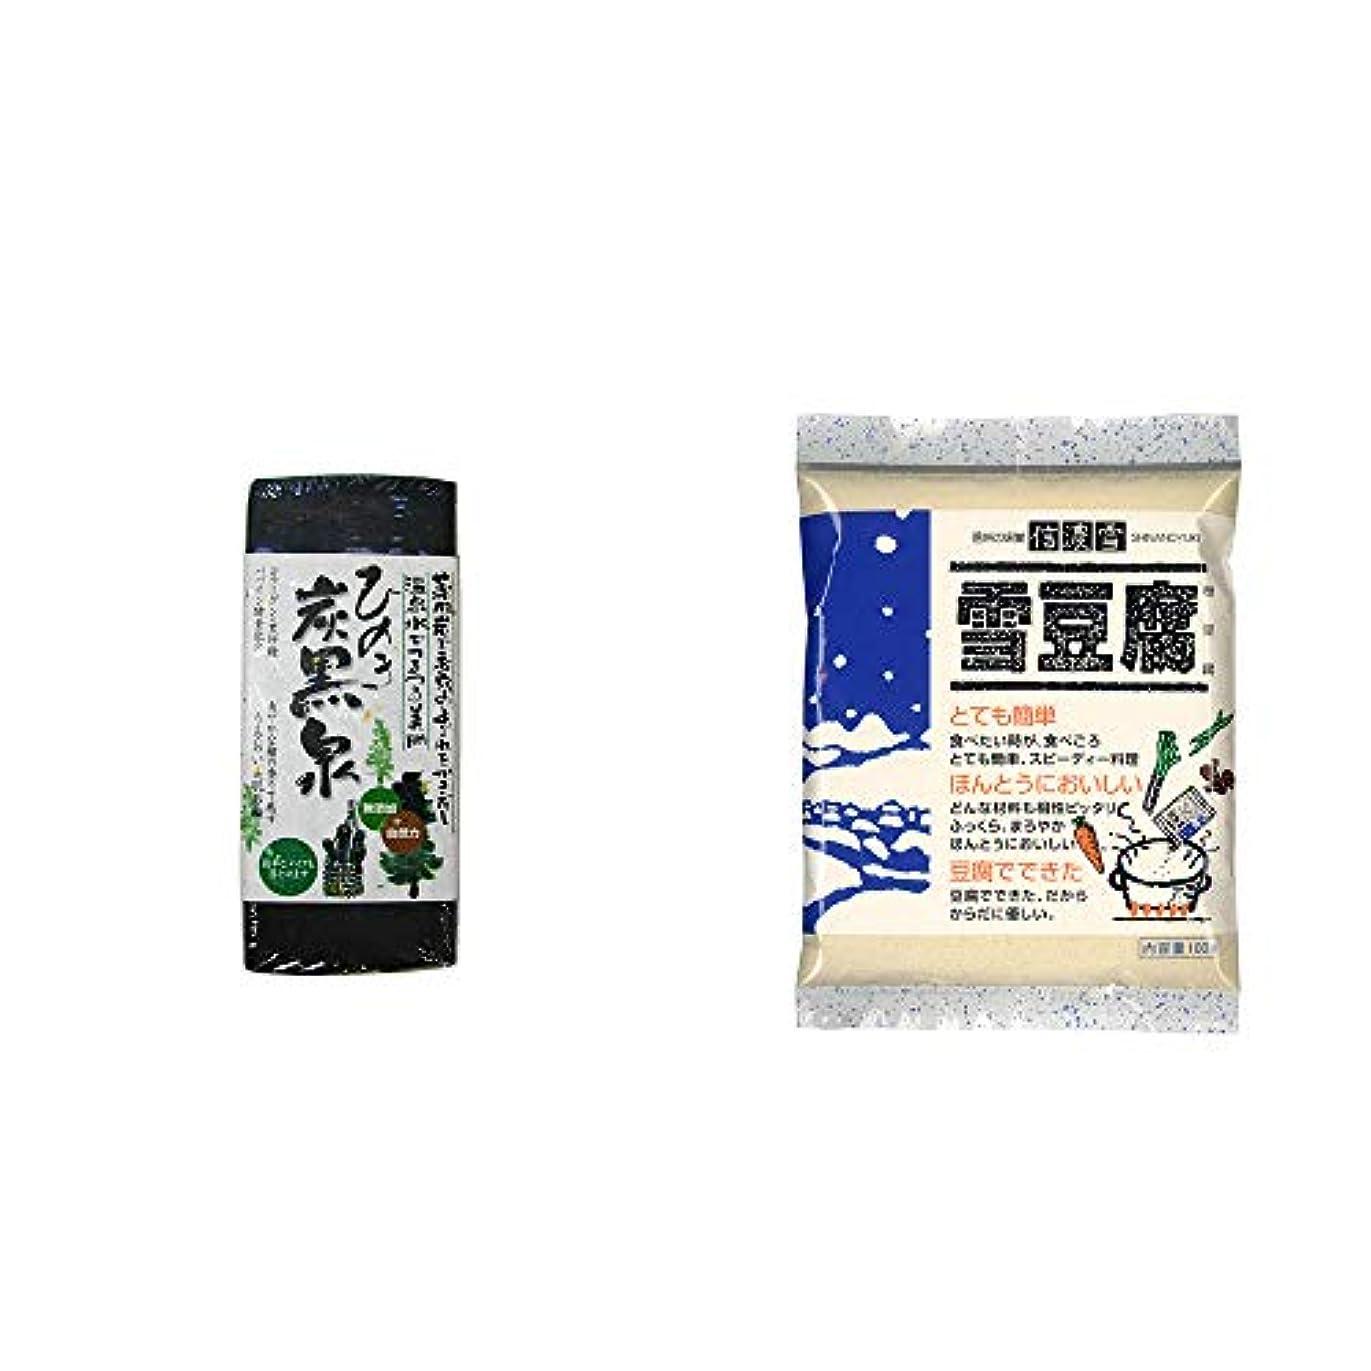 ミントソース絶壁[2点セット] ひのき炭黒泉(75g×2)?信濃雪 雪豆腐(粉豆腐)(100g)